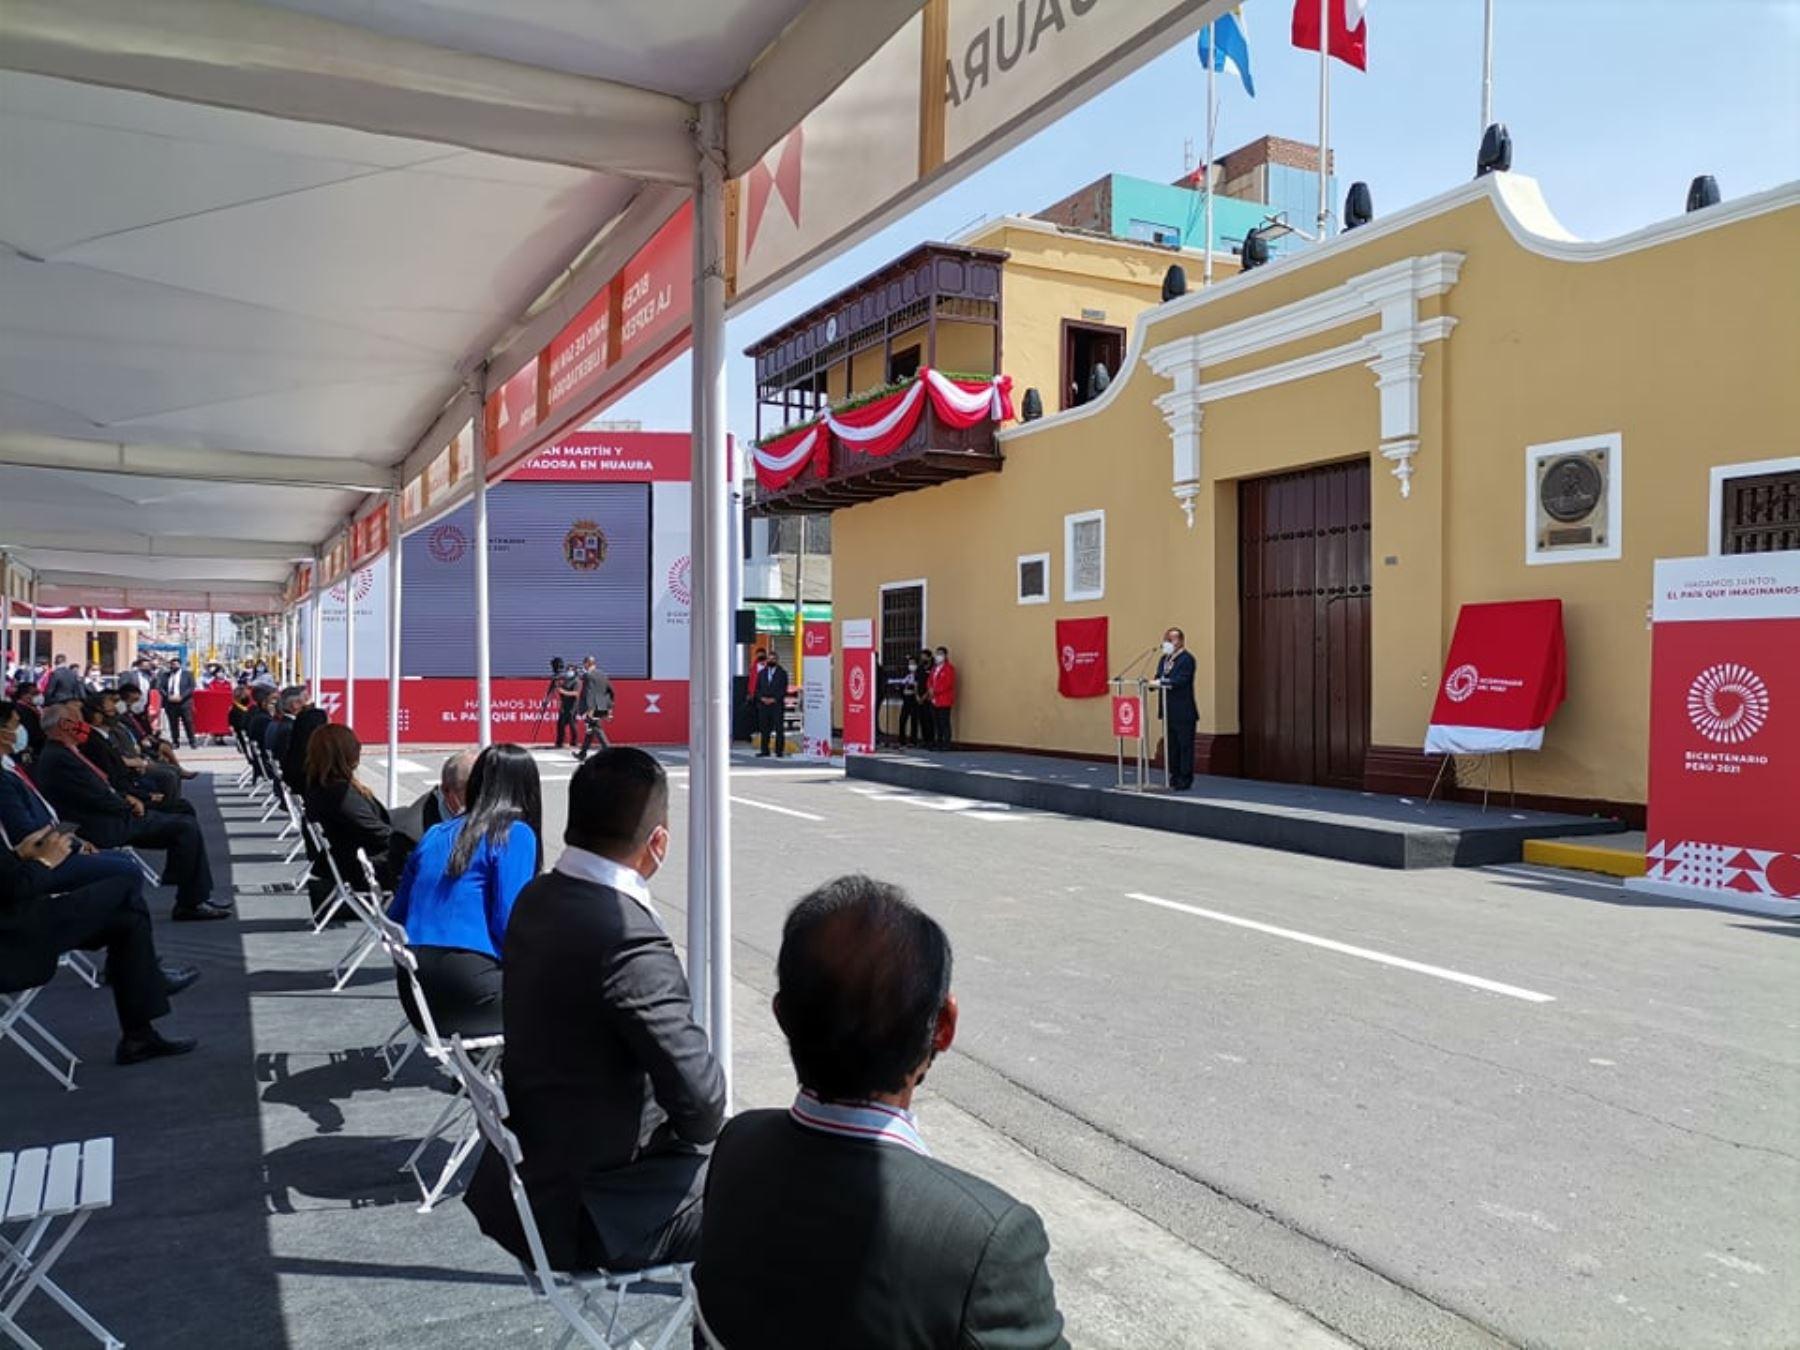 Con una ceremonia especial Huaura celebra hoy los 200 años de la proclamación de la Independencia por el libertador general José de San Martín.